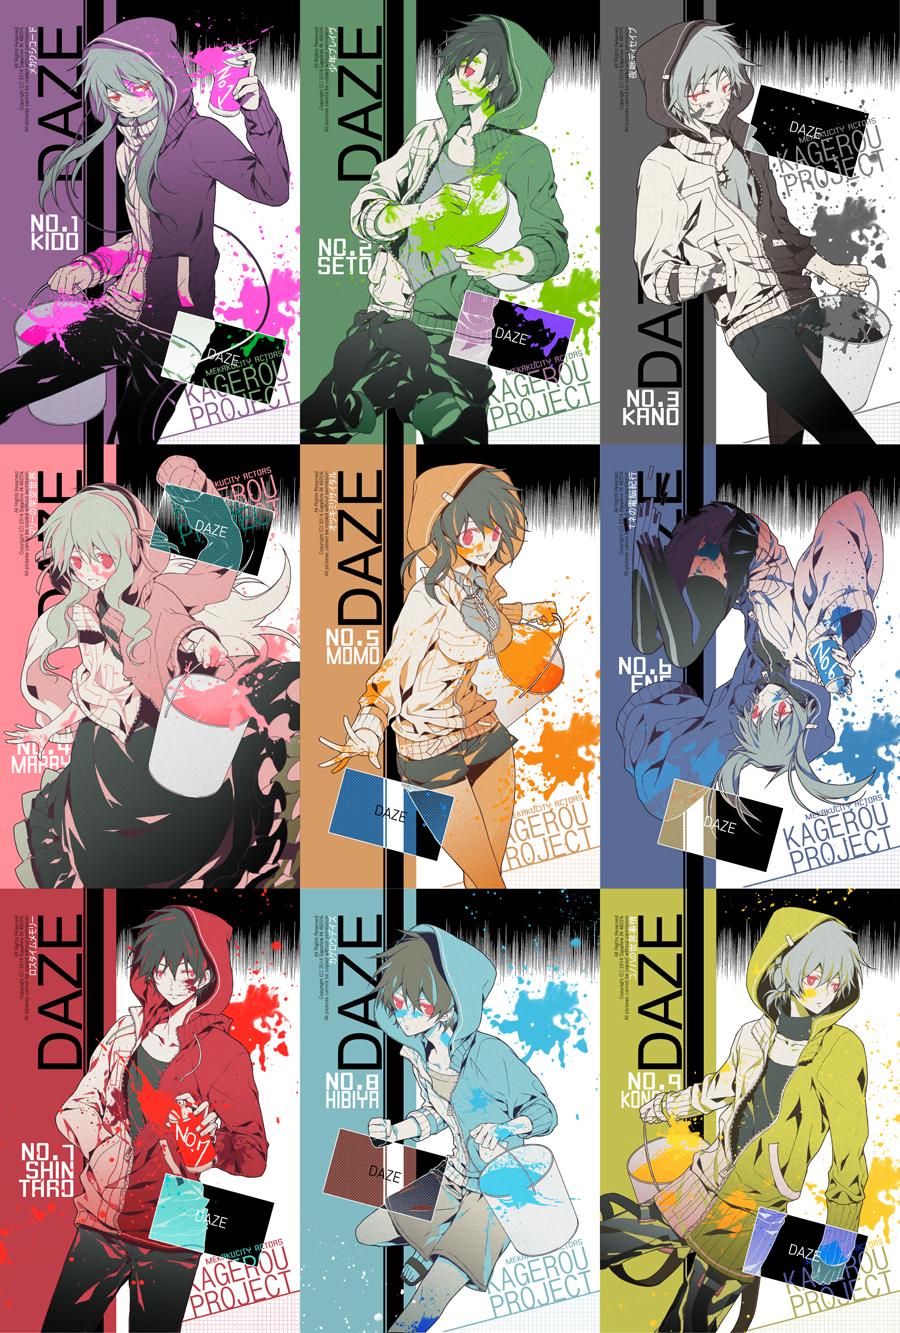 daze kagerou project zerochan anime image board